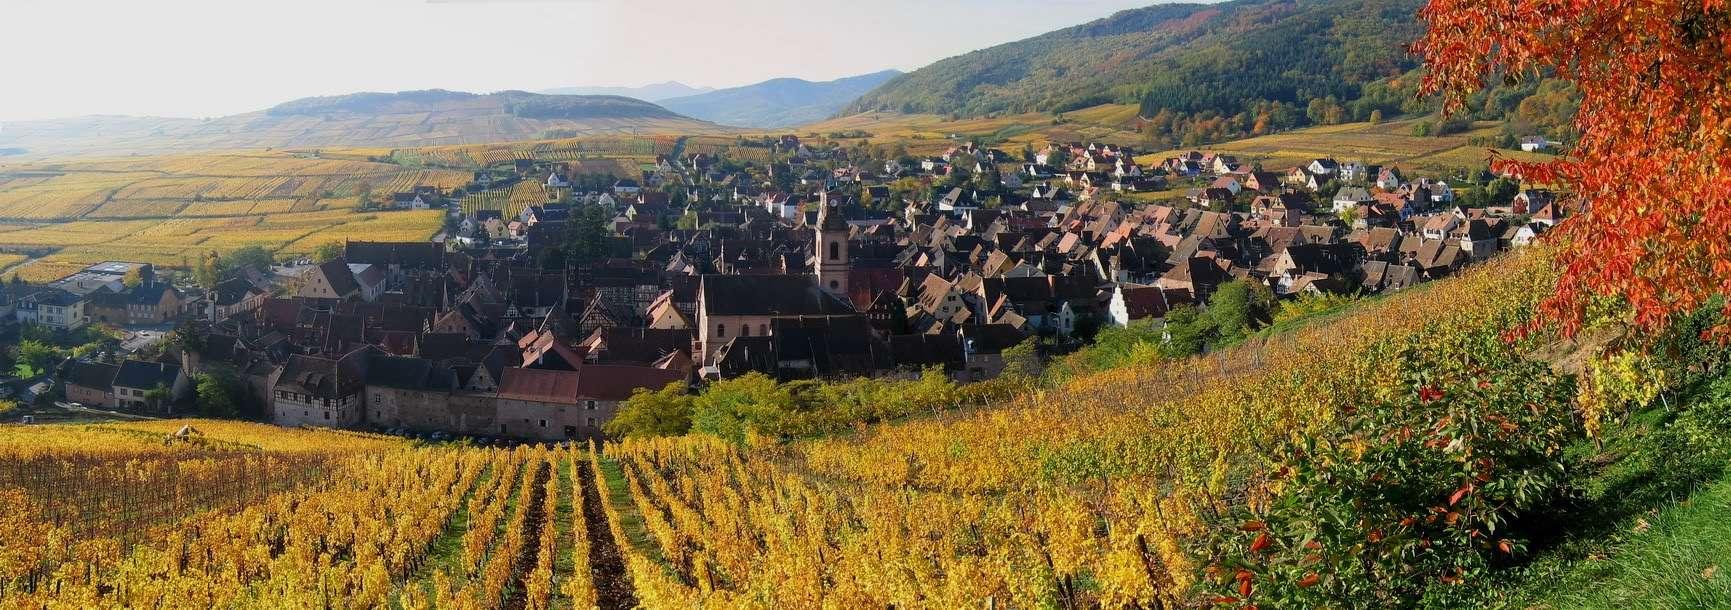 Tour de France virtuel - Les Plus Beaux Villages de France 88142810